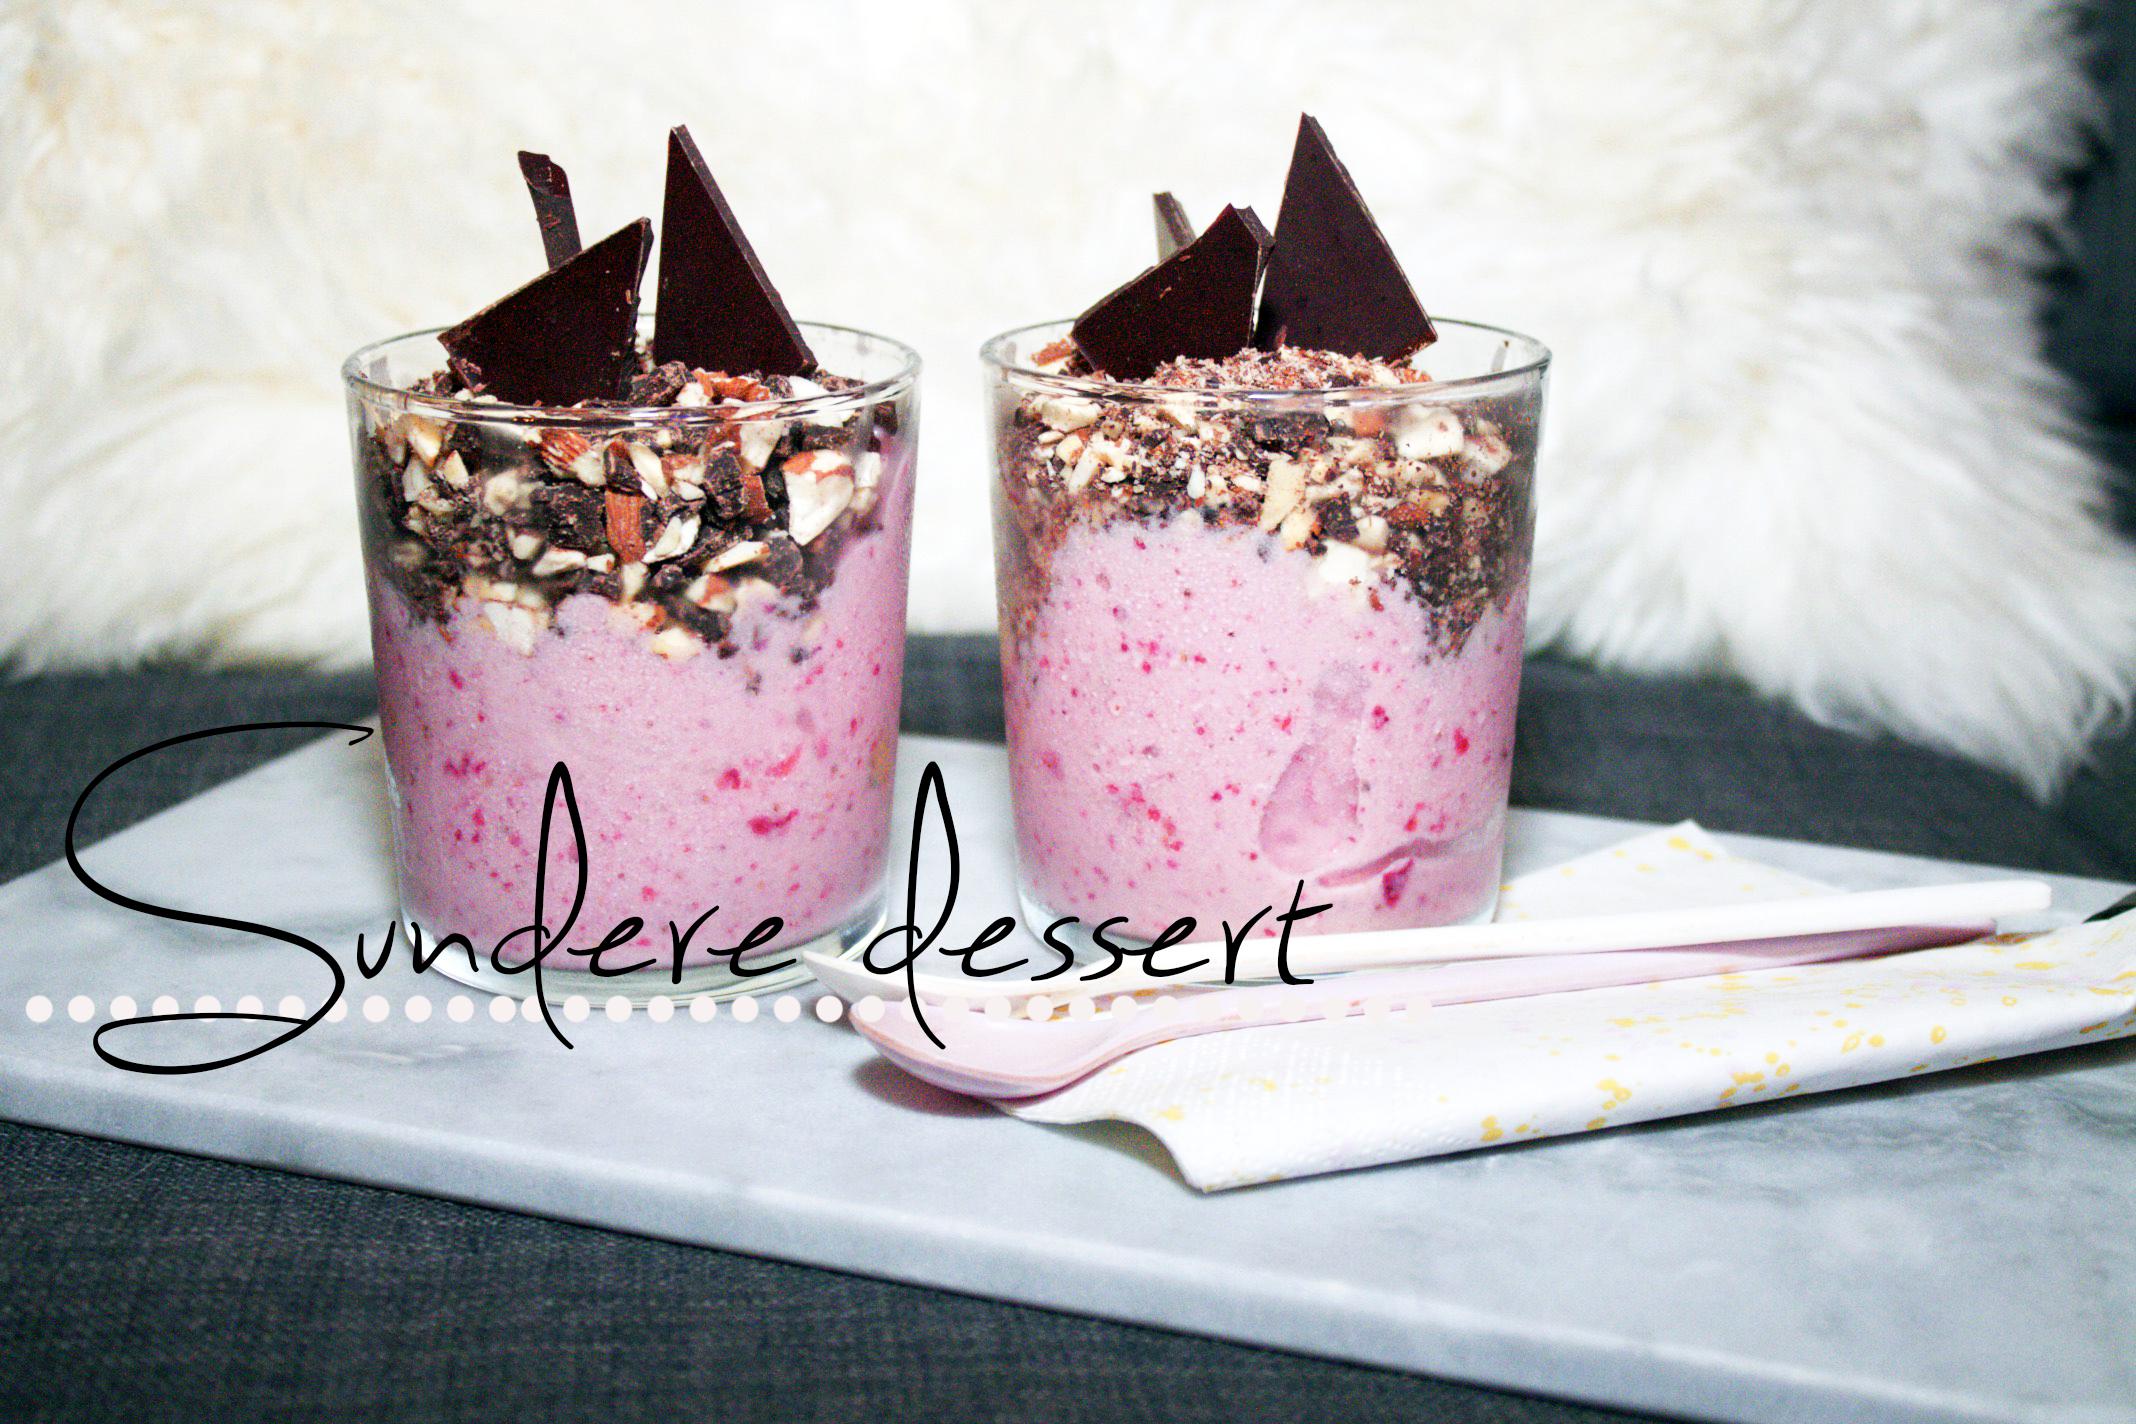 sundere dessert 1